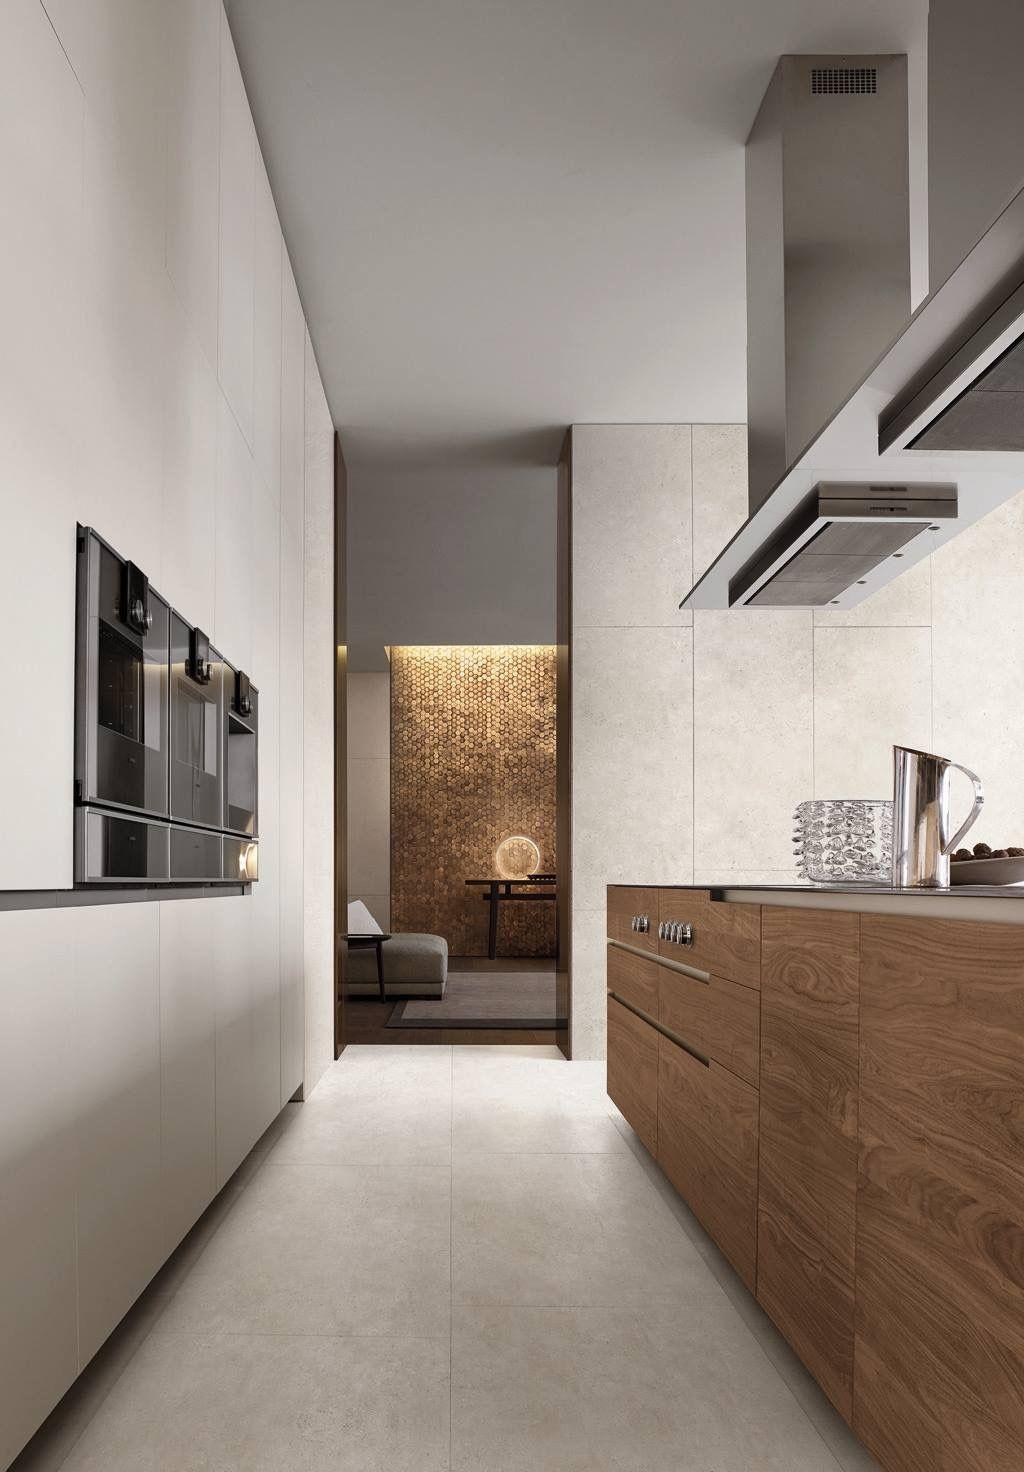 hedviggen⚓ found on pinterest | kitchen| concrete | white | rough ...